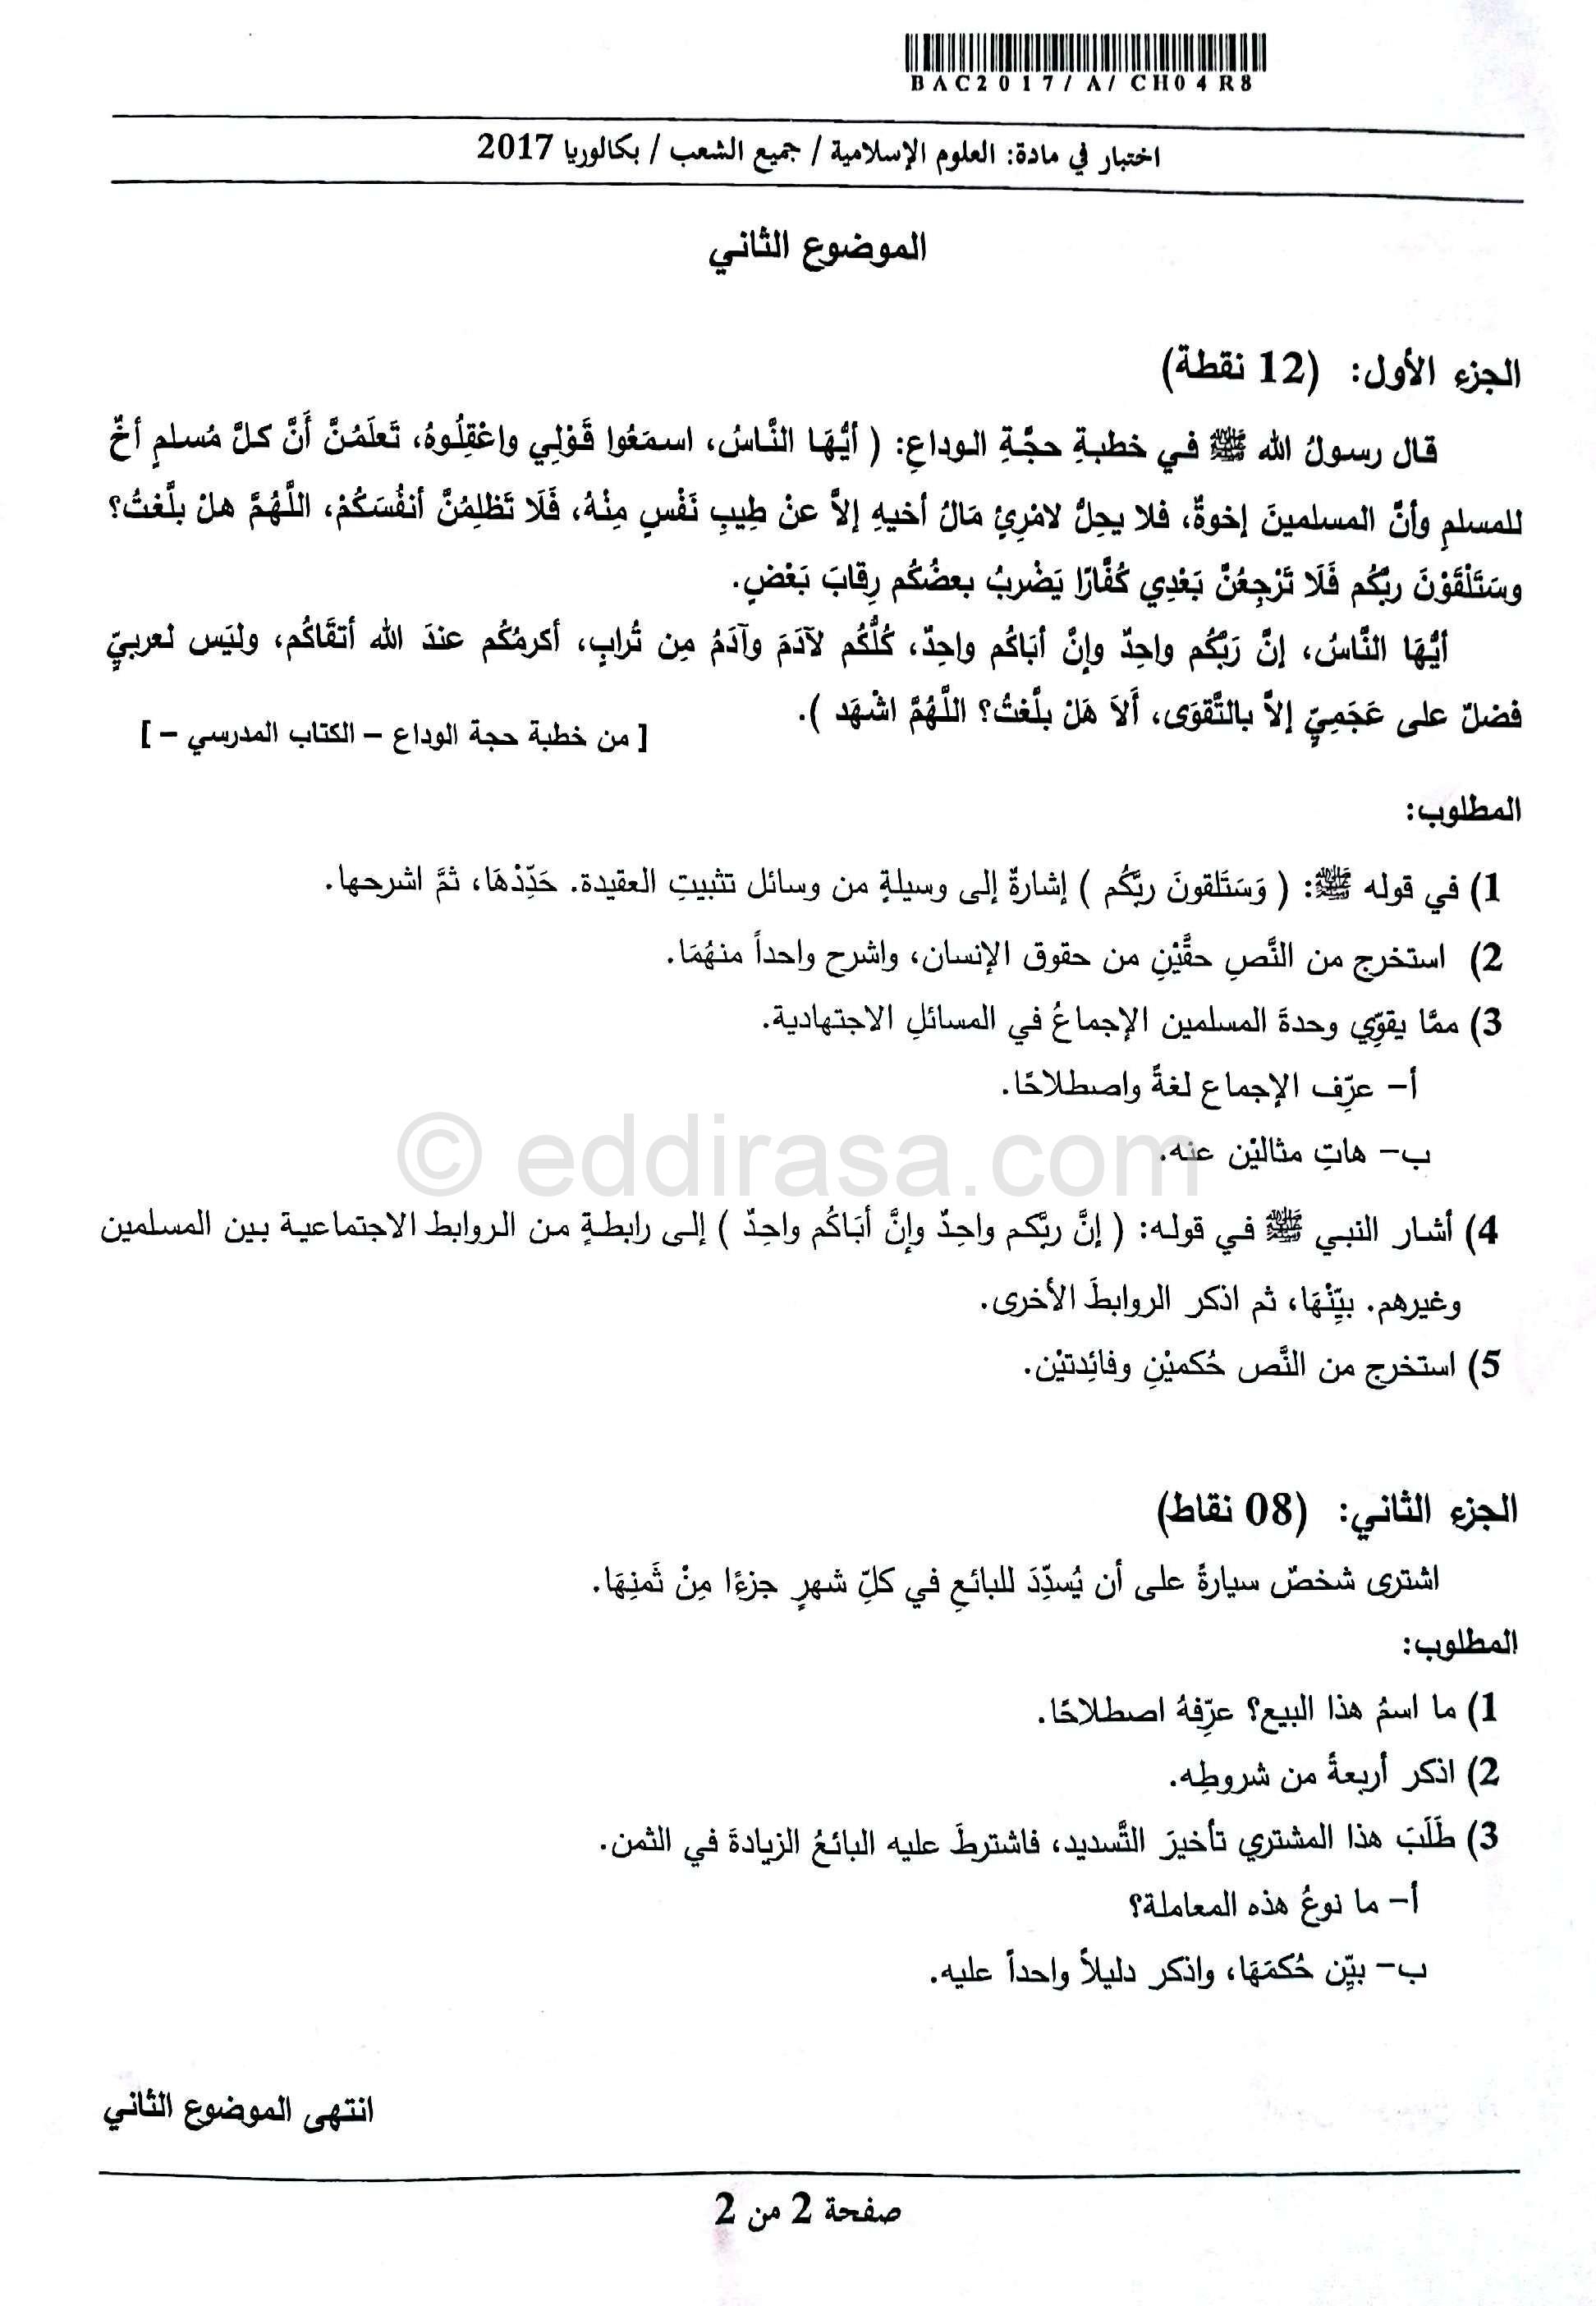 bac islamic 2017_2